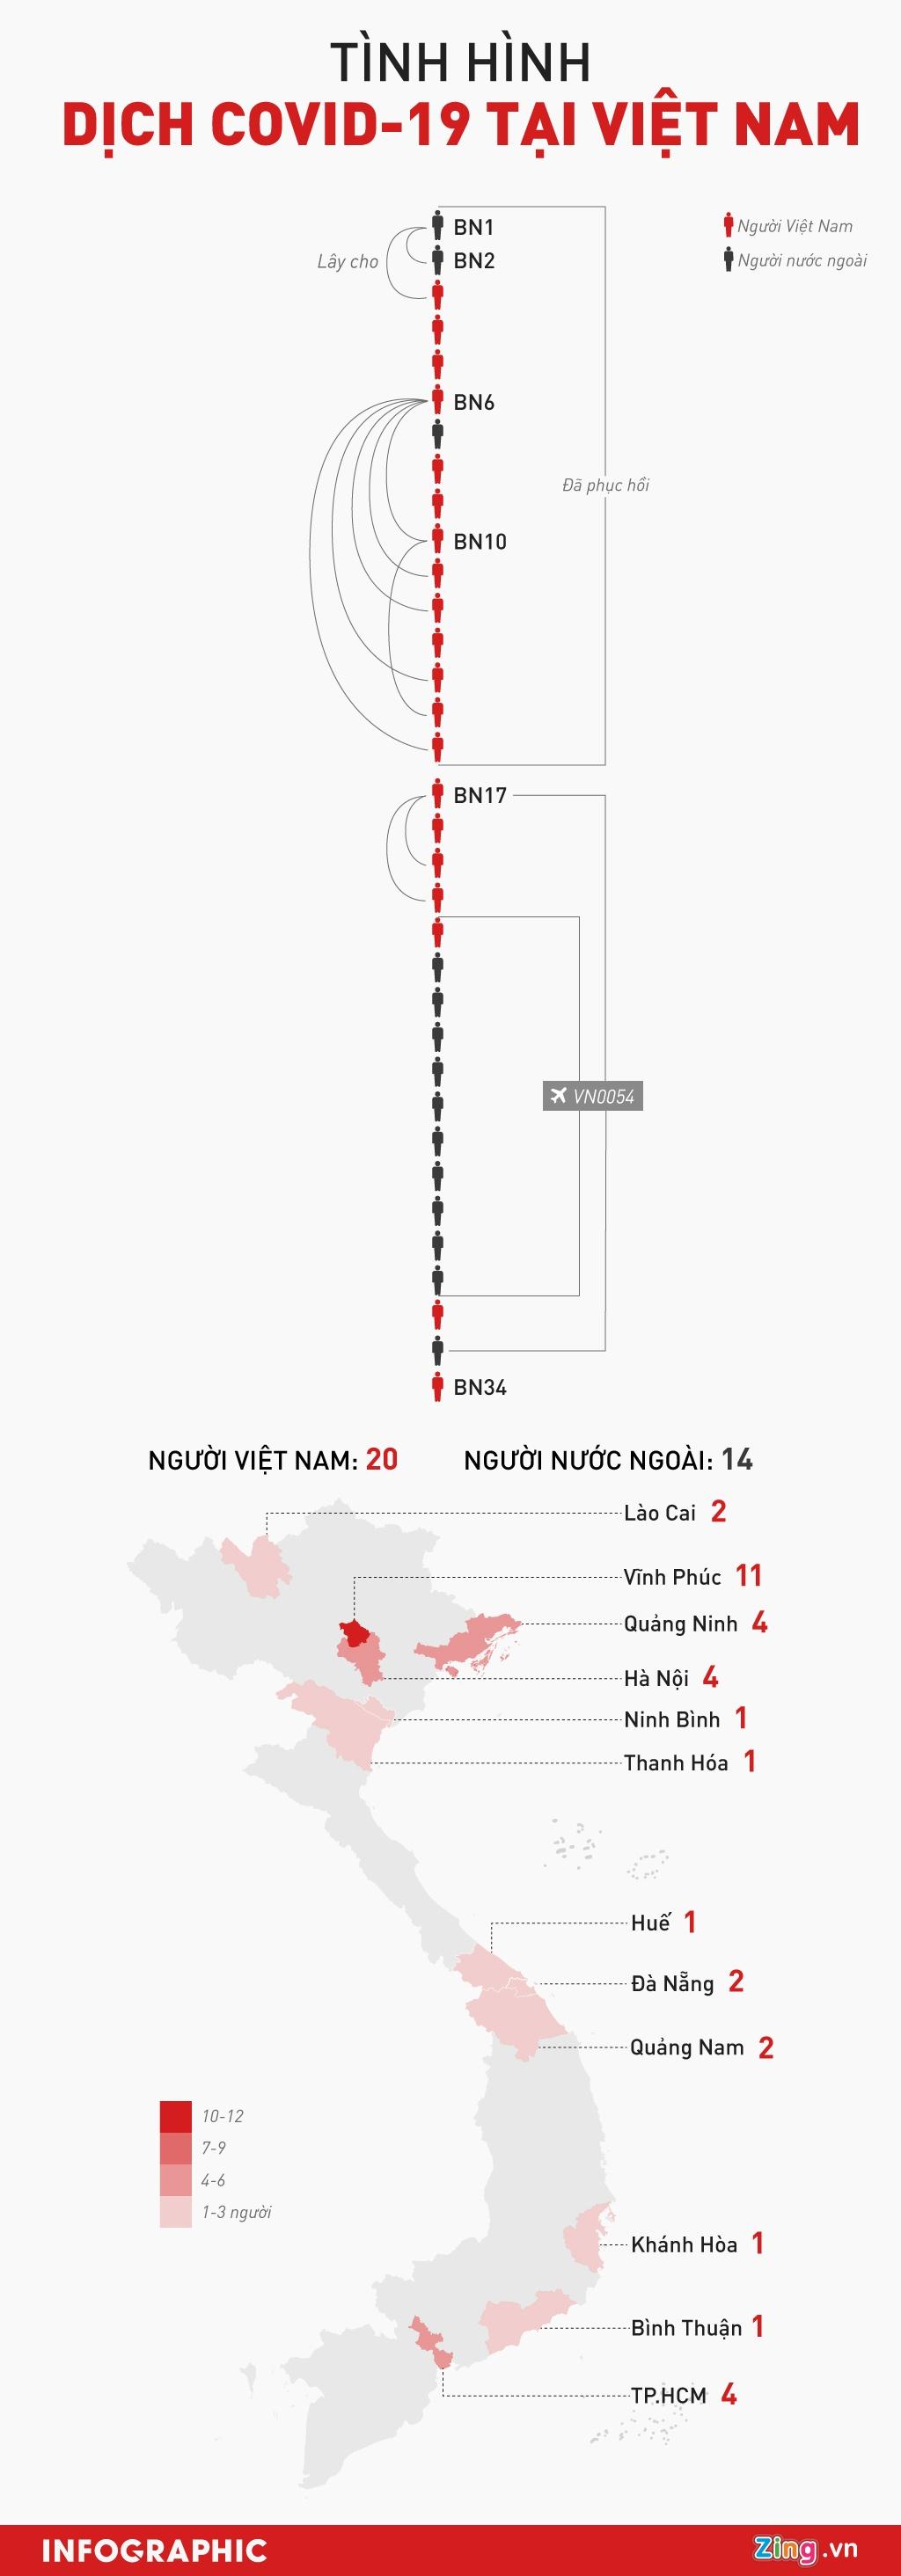 Trong 5 ngay, Viet Nam cong bo 18 benh nhan moi mac Covid-19 hinh anh 1 INFO_Covid19_o_VN_10_3.jpg